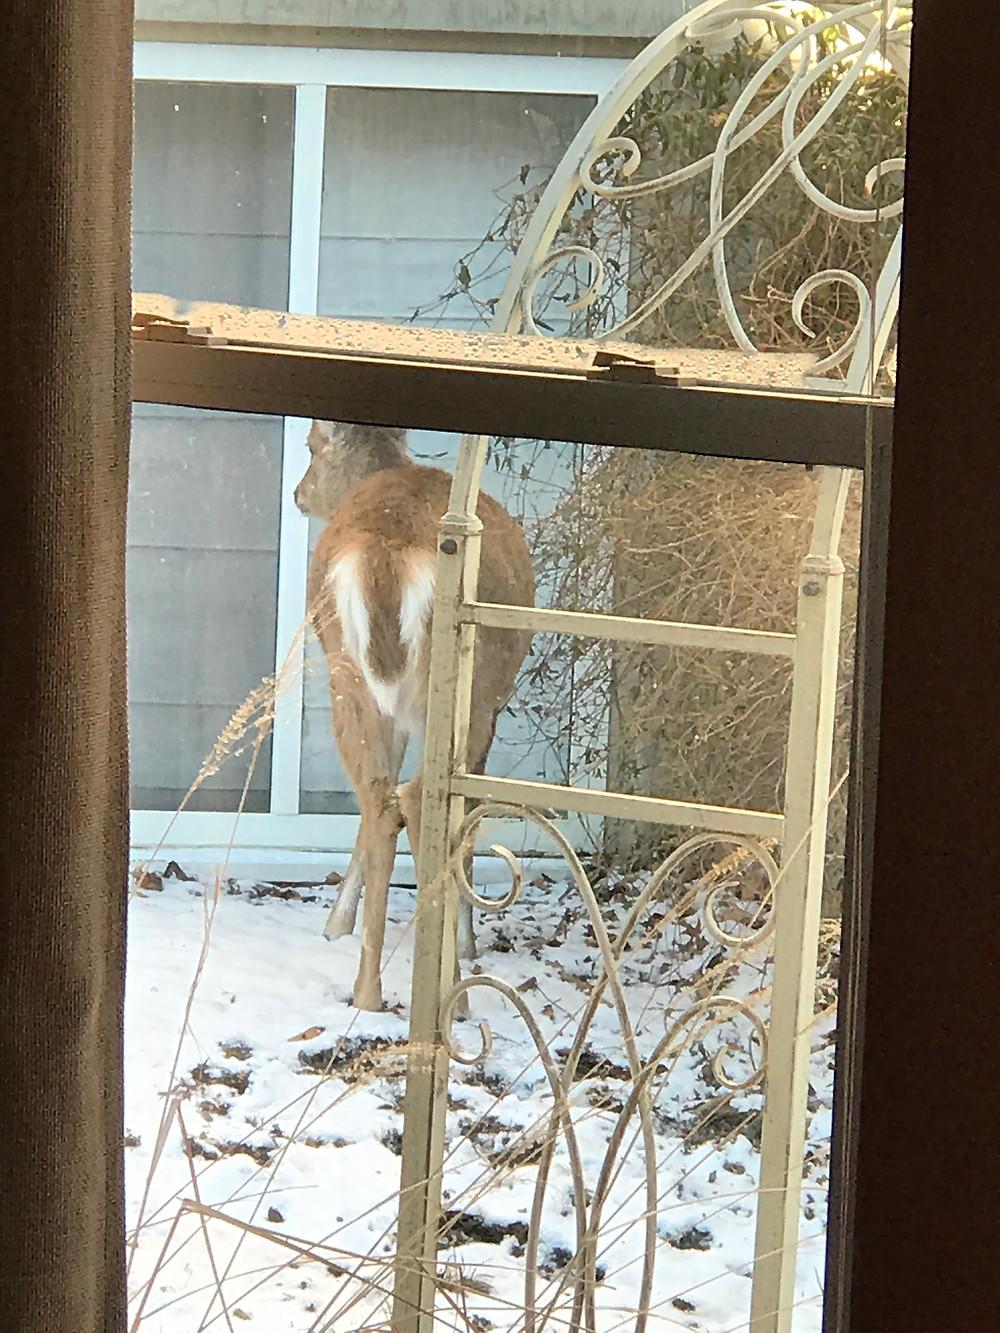 deer eating between houses